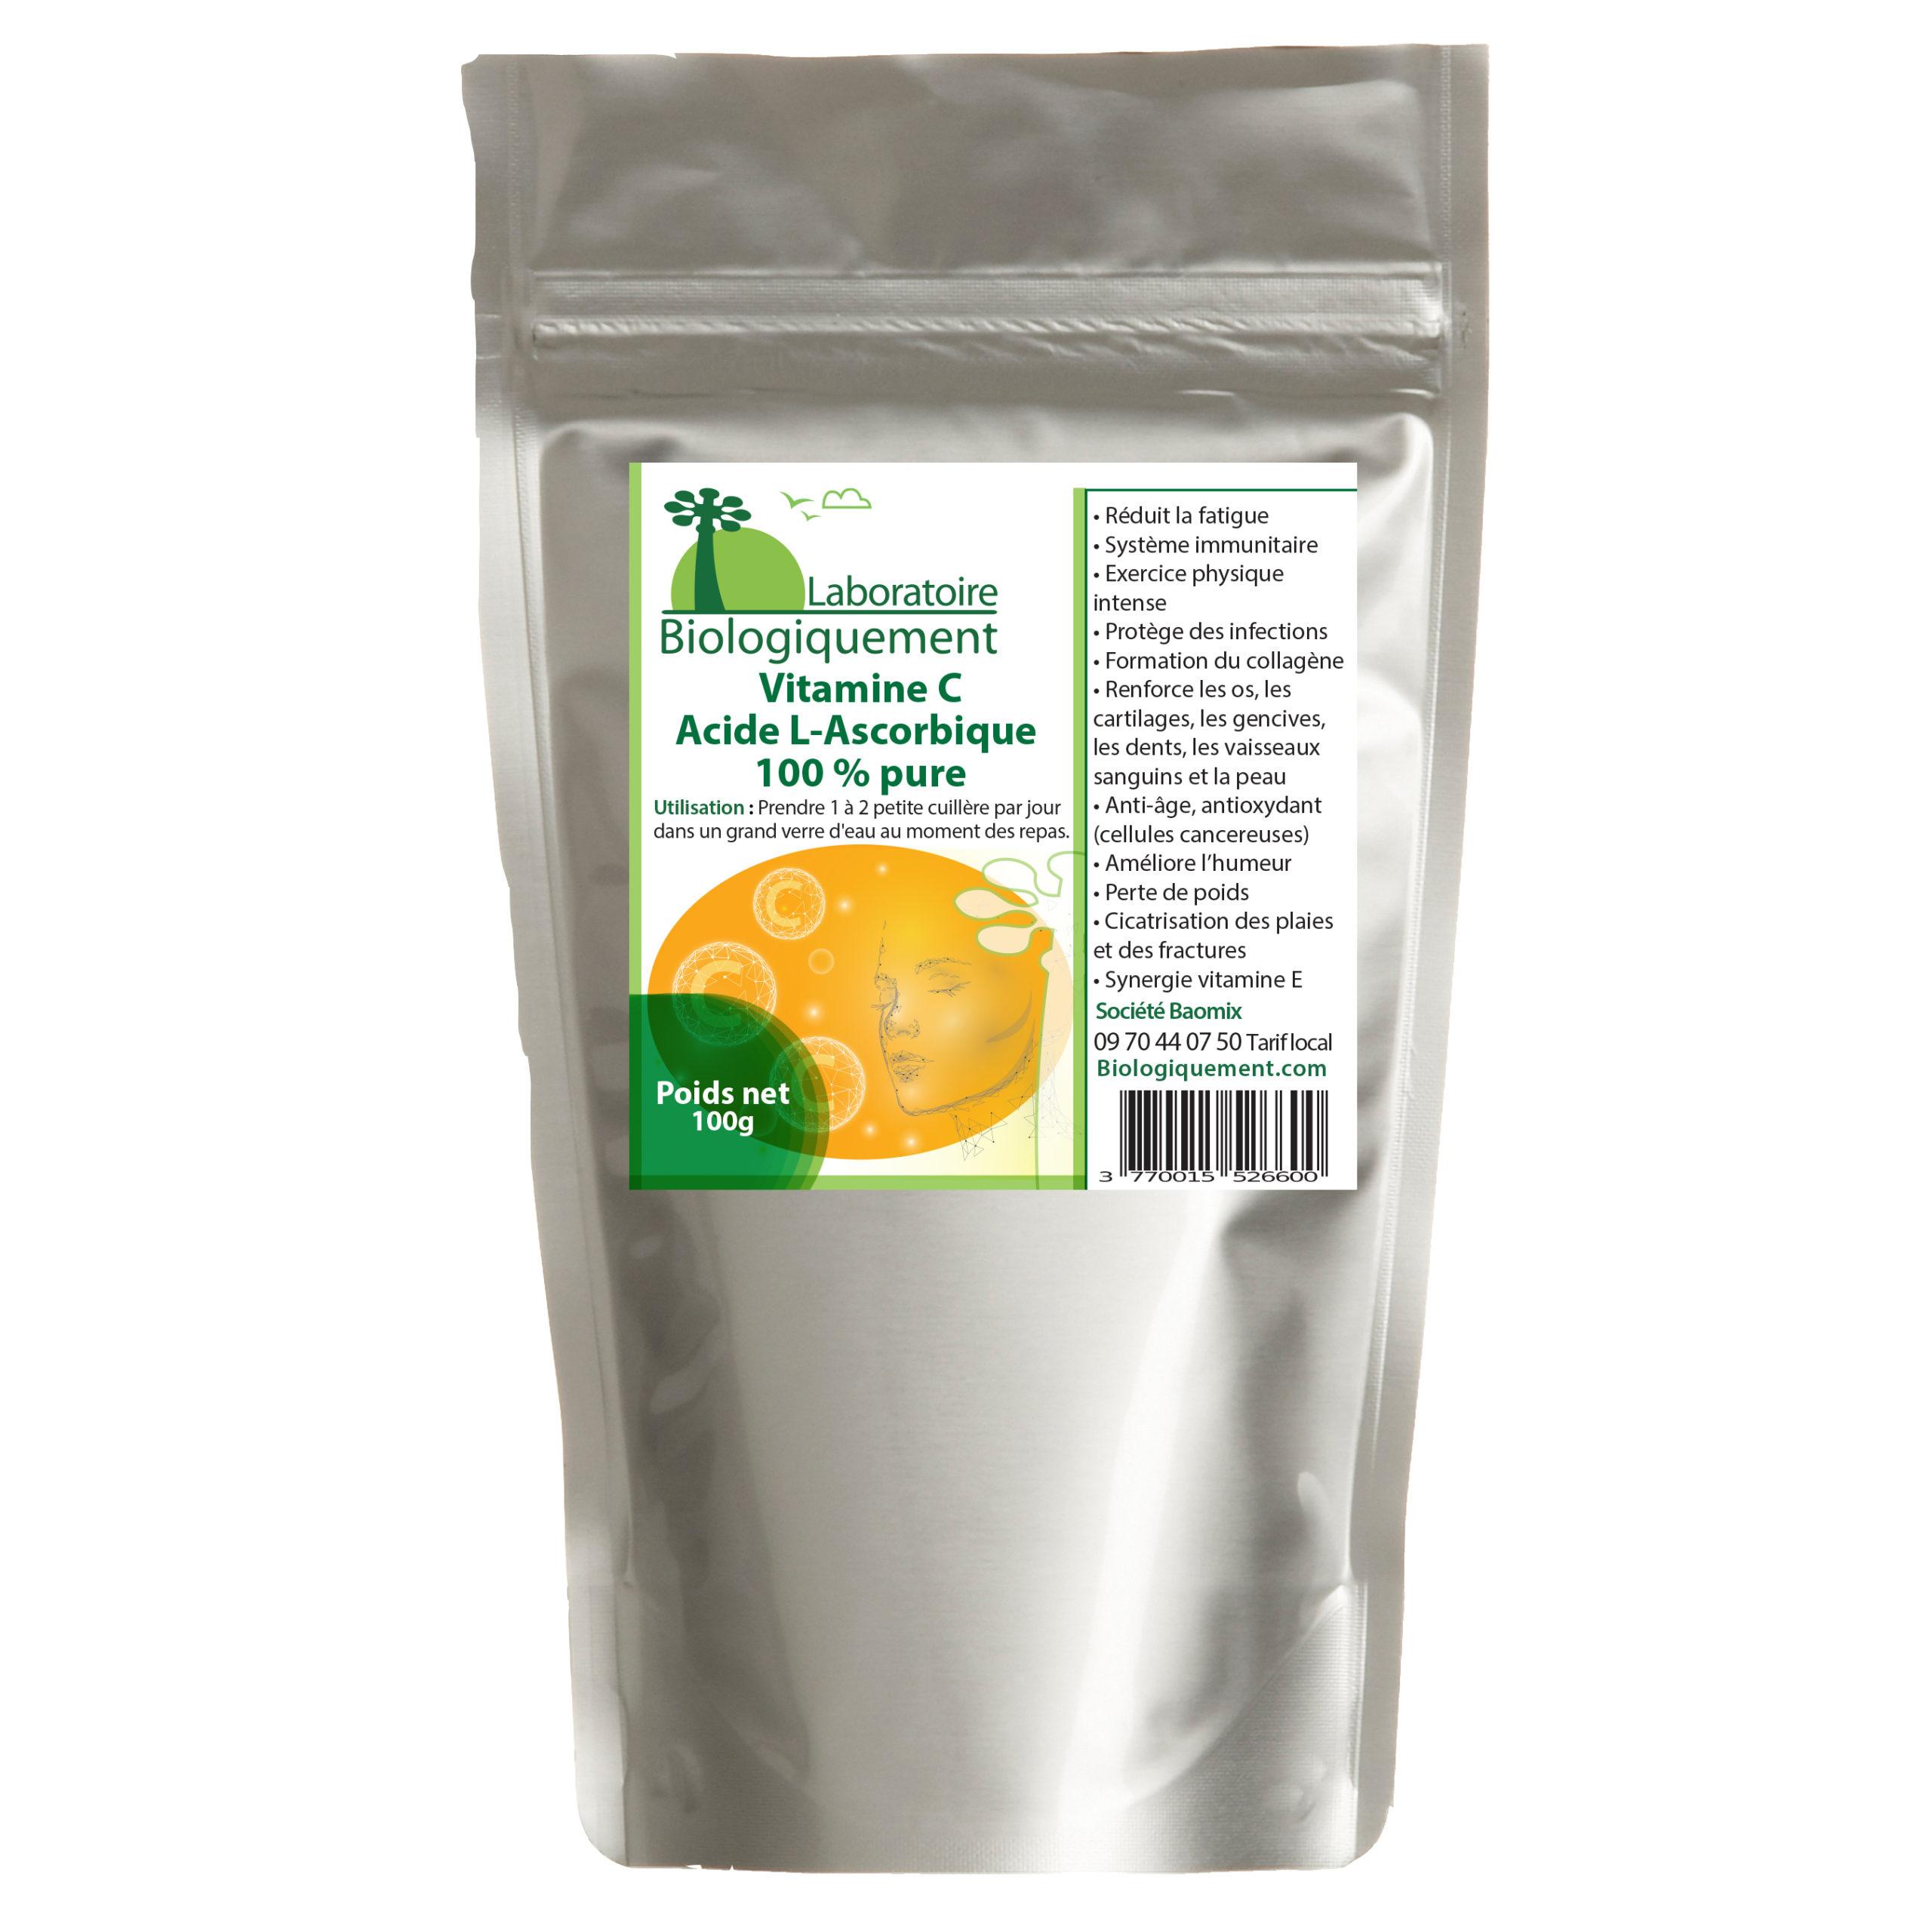 La vitamine C agit comme un antioxydant, indispensable au renforcement du système immunitaire et à la lutte contre le stress des radicaux libres.